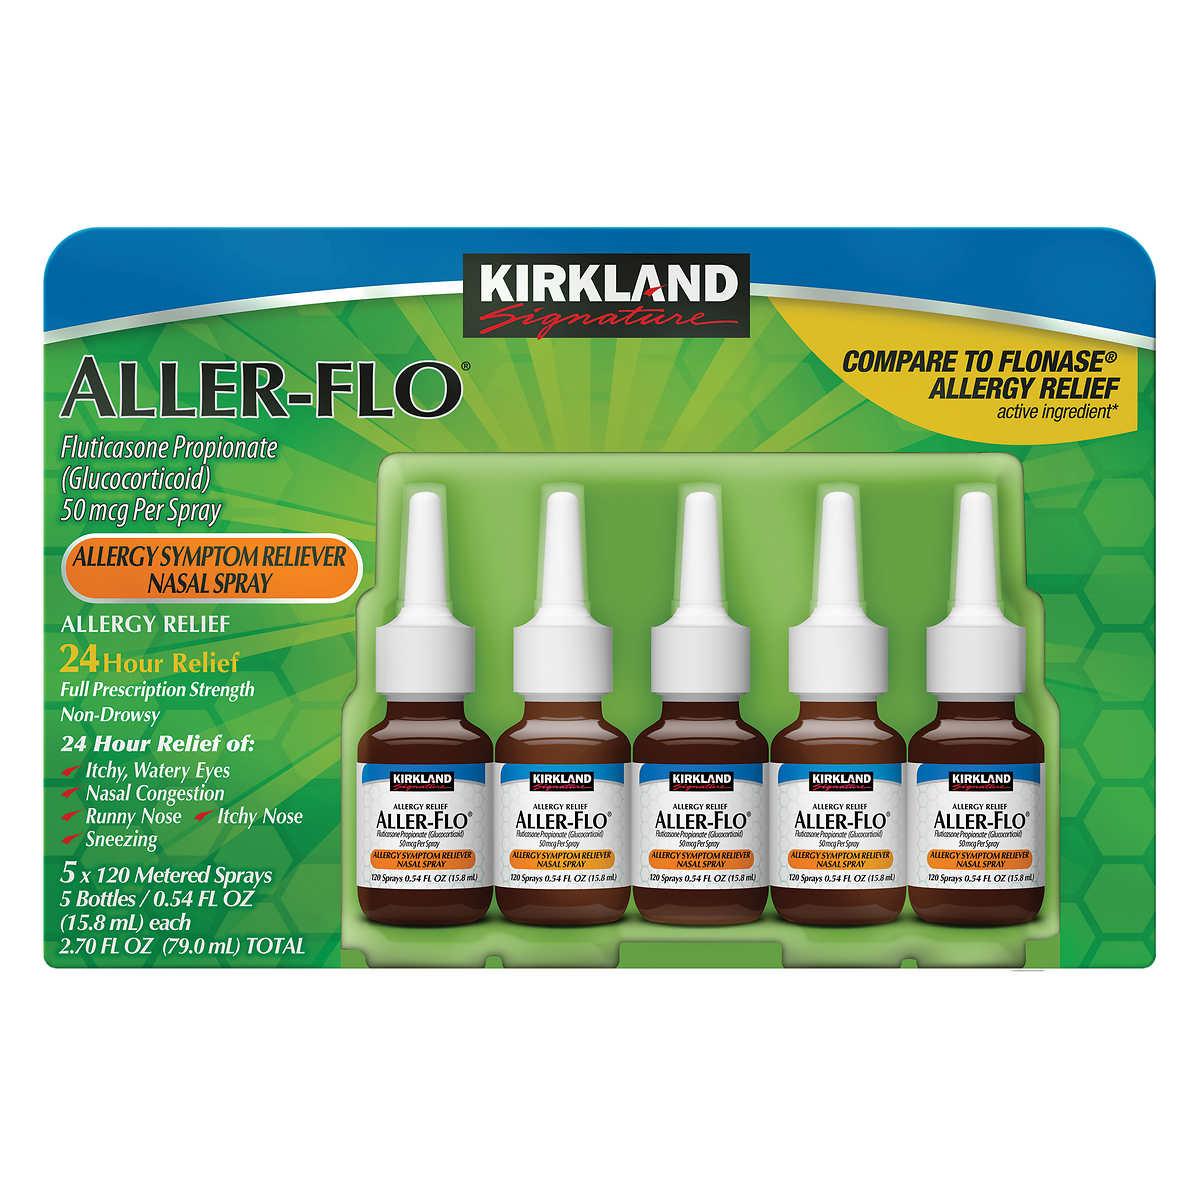 Alternative nasonex Alternative Allergy